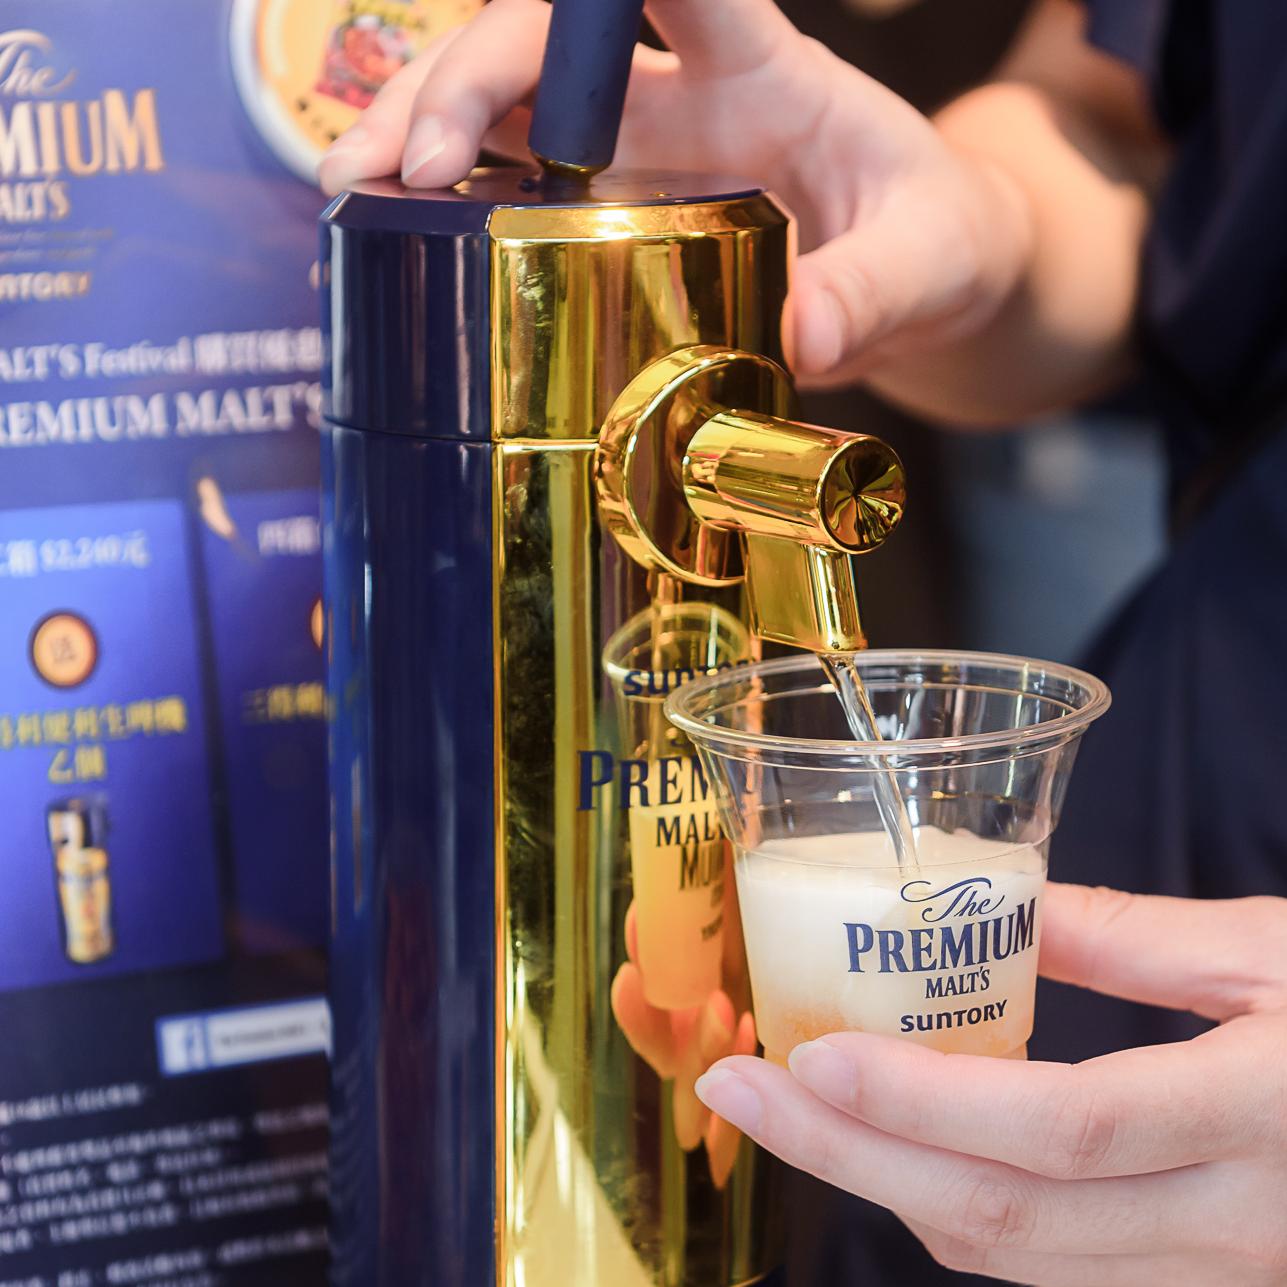 一同體驗頂級啤酒的神級美味!三得利舉辦「一試傾心 頂級盛典」快閃活動